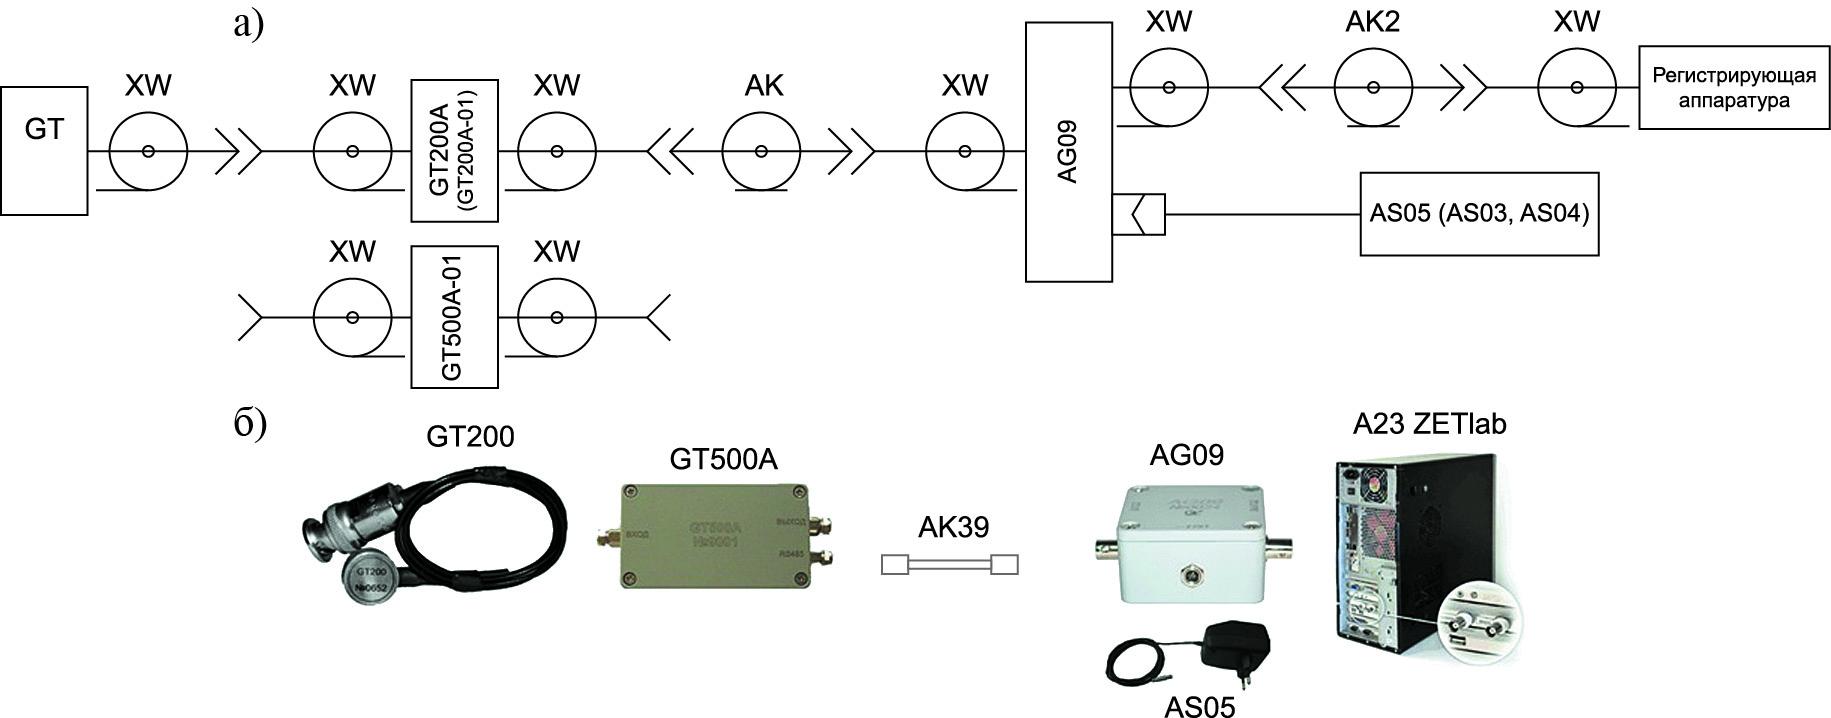 Пример схемы подключения и ее реализация для преобразователя акустической эмиссии с зарядовым выходом с усилителем напряжения сигналов GT200A (GT200A 01) или усилителем заряда сигналов преобразователей акустической эмиссии GT500A 01